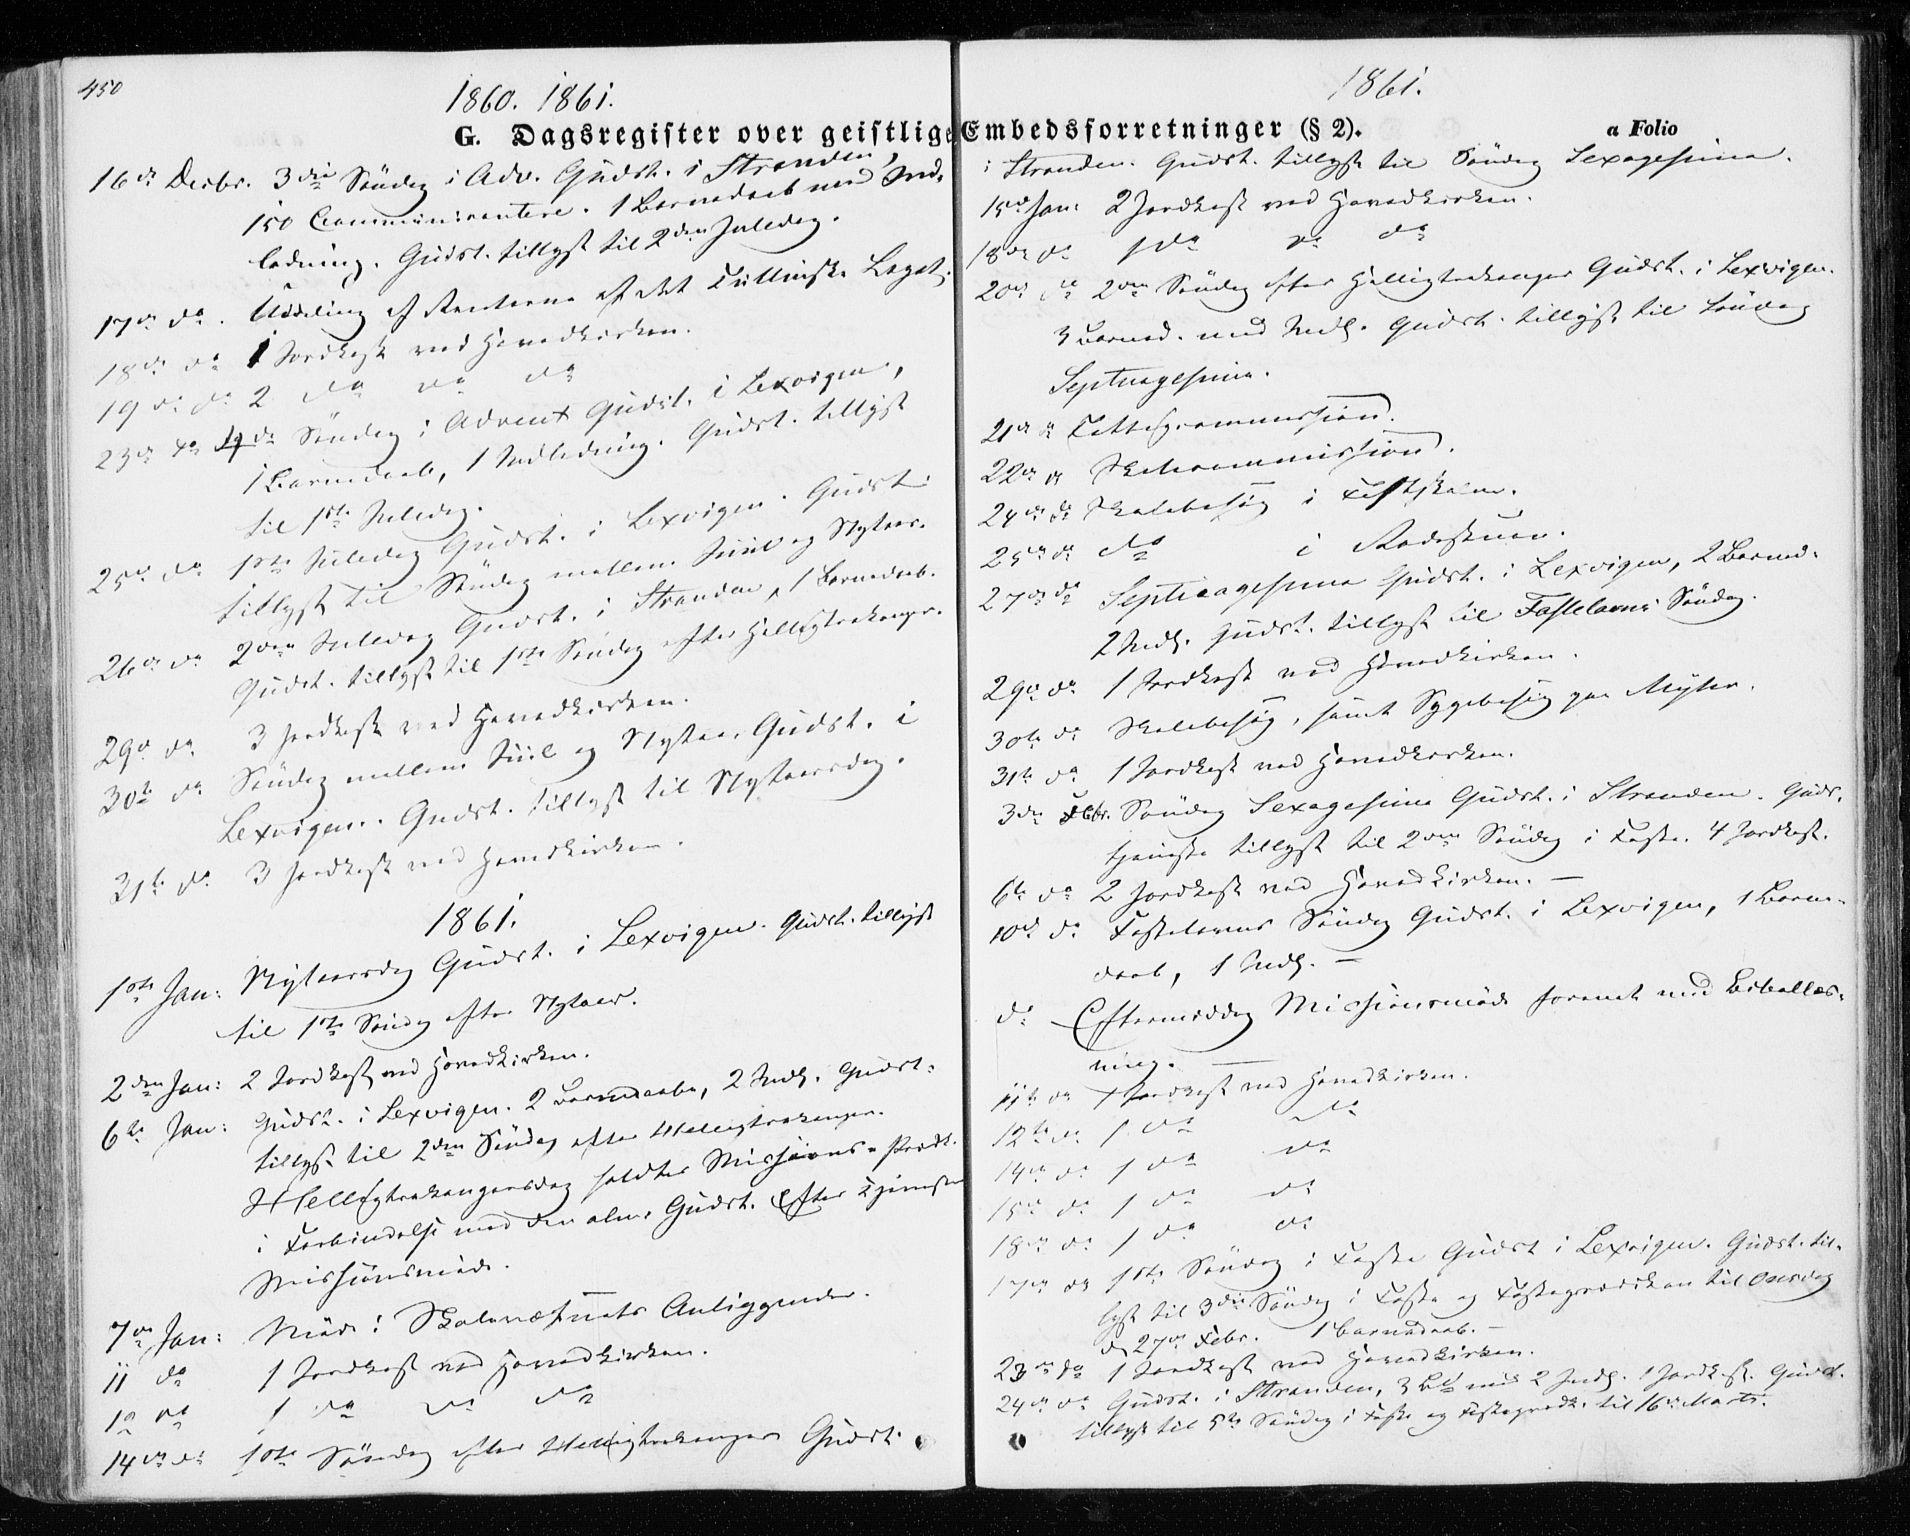 SAT, Ministerialprotokoller, klokkerbøker og fødselsregistre - Nord-Trøndelag, 701/L0008: Ministerialbok nr. 701A08 /1, 1854-1863, s. 450